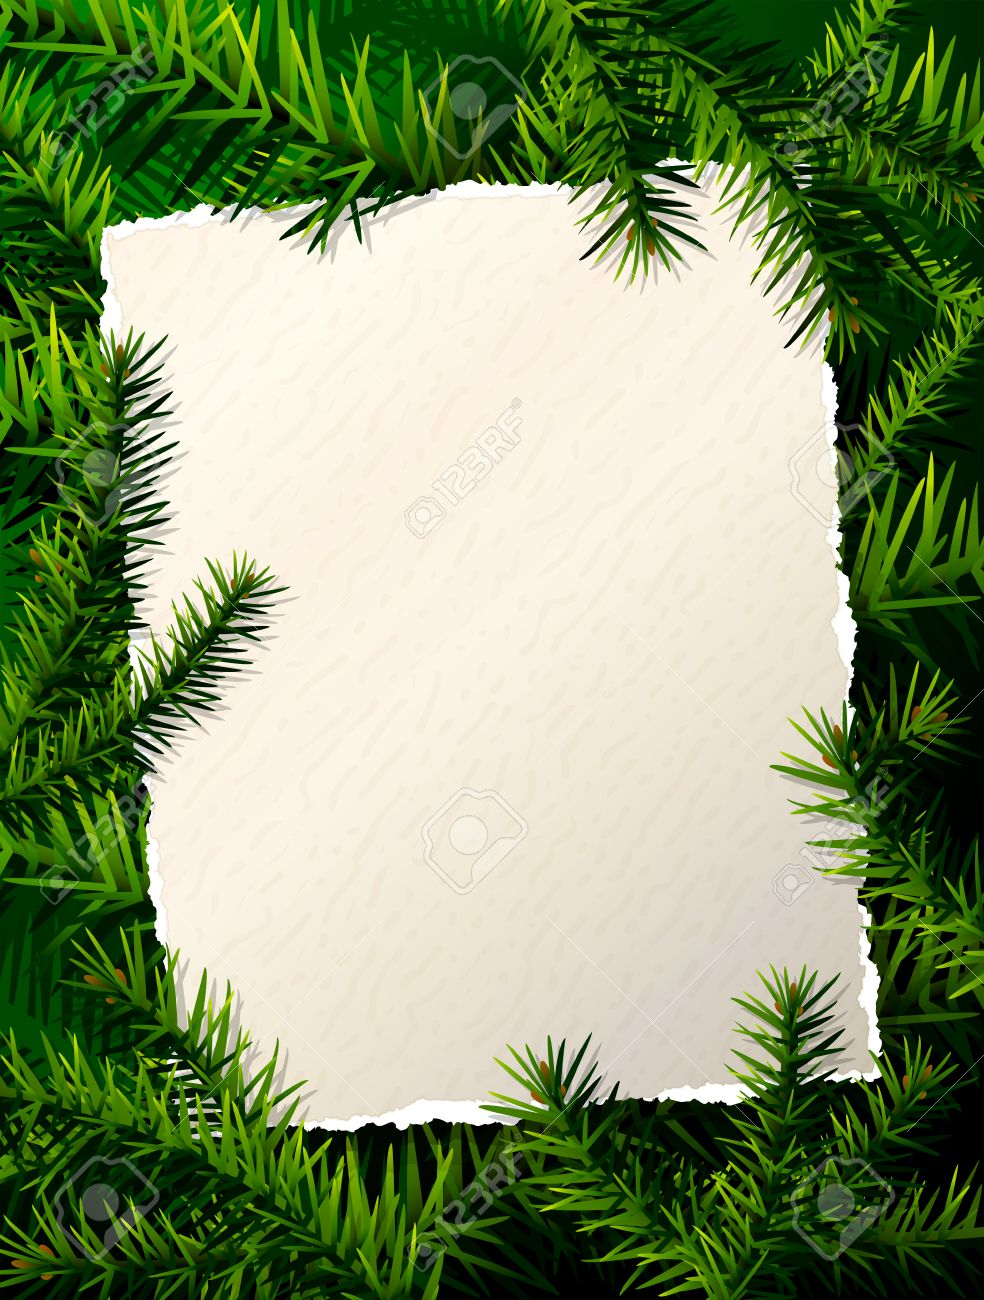 Papel Para La Lista De Navidad Contra Ramas De Pino. Plantilla De ...